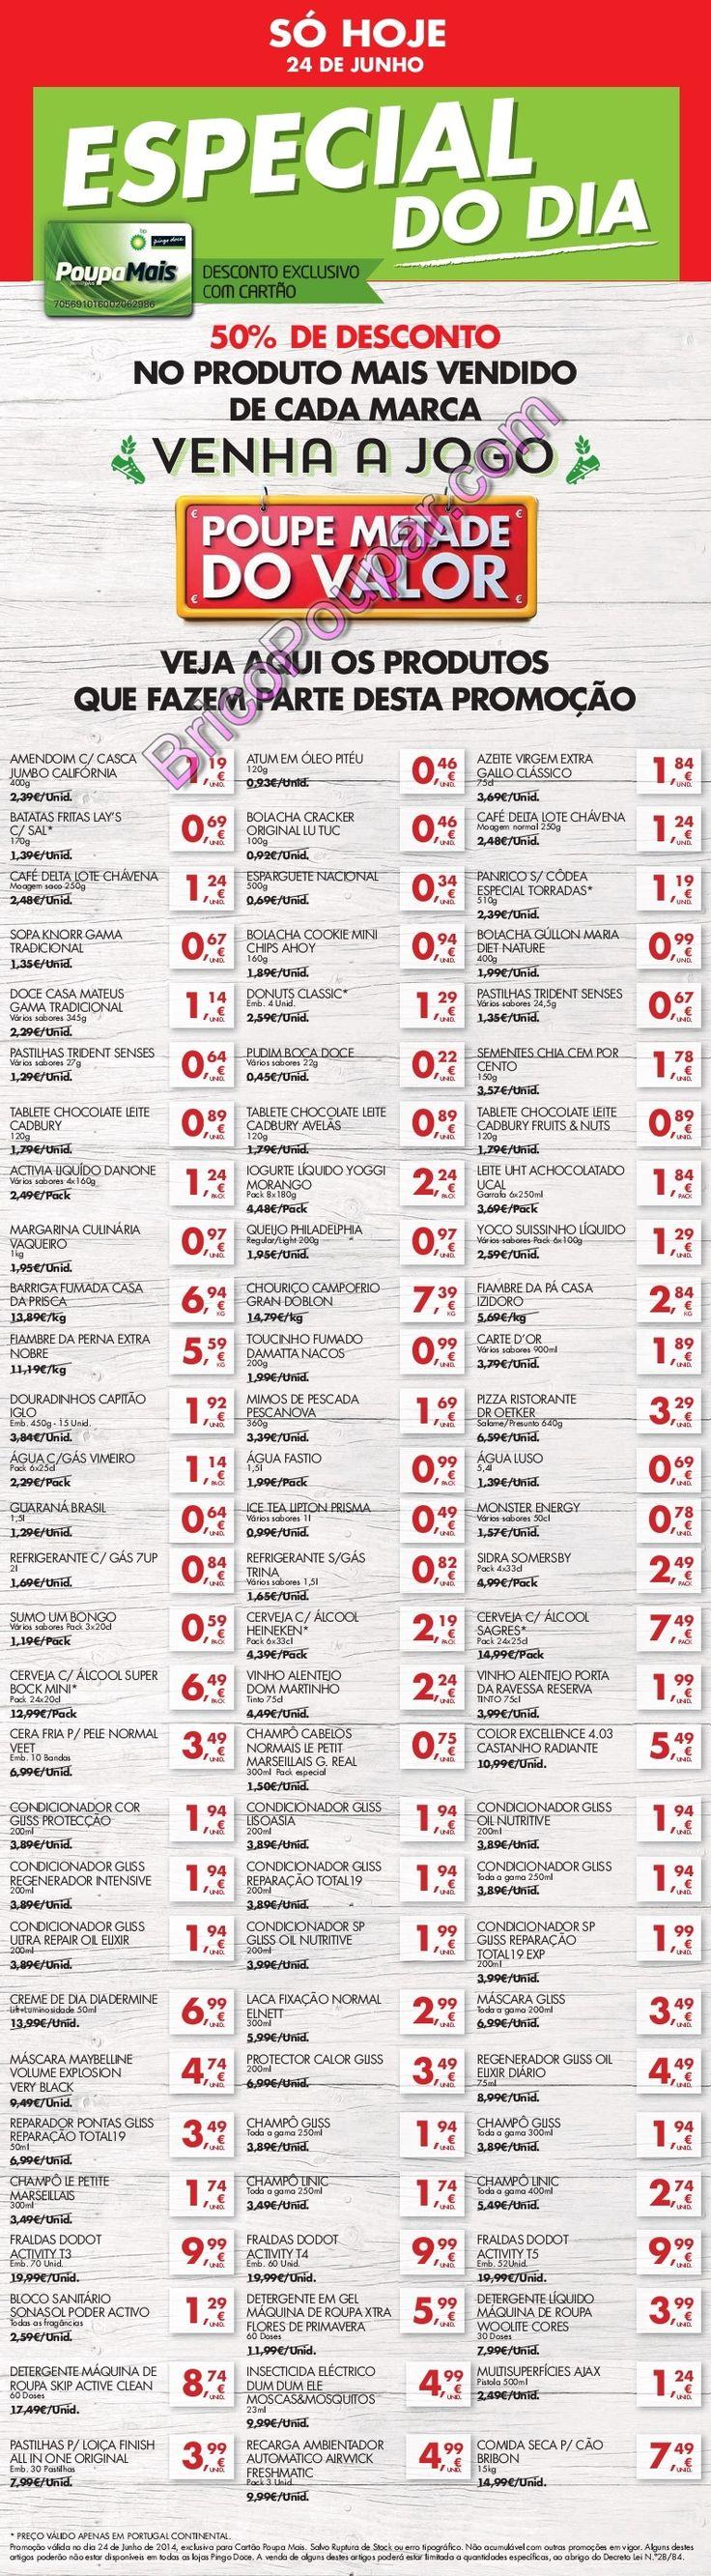 Lista visivel de 60 Produtos com desconto 50% desconto Pingo Doce - só dia 24 de Junho